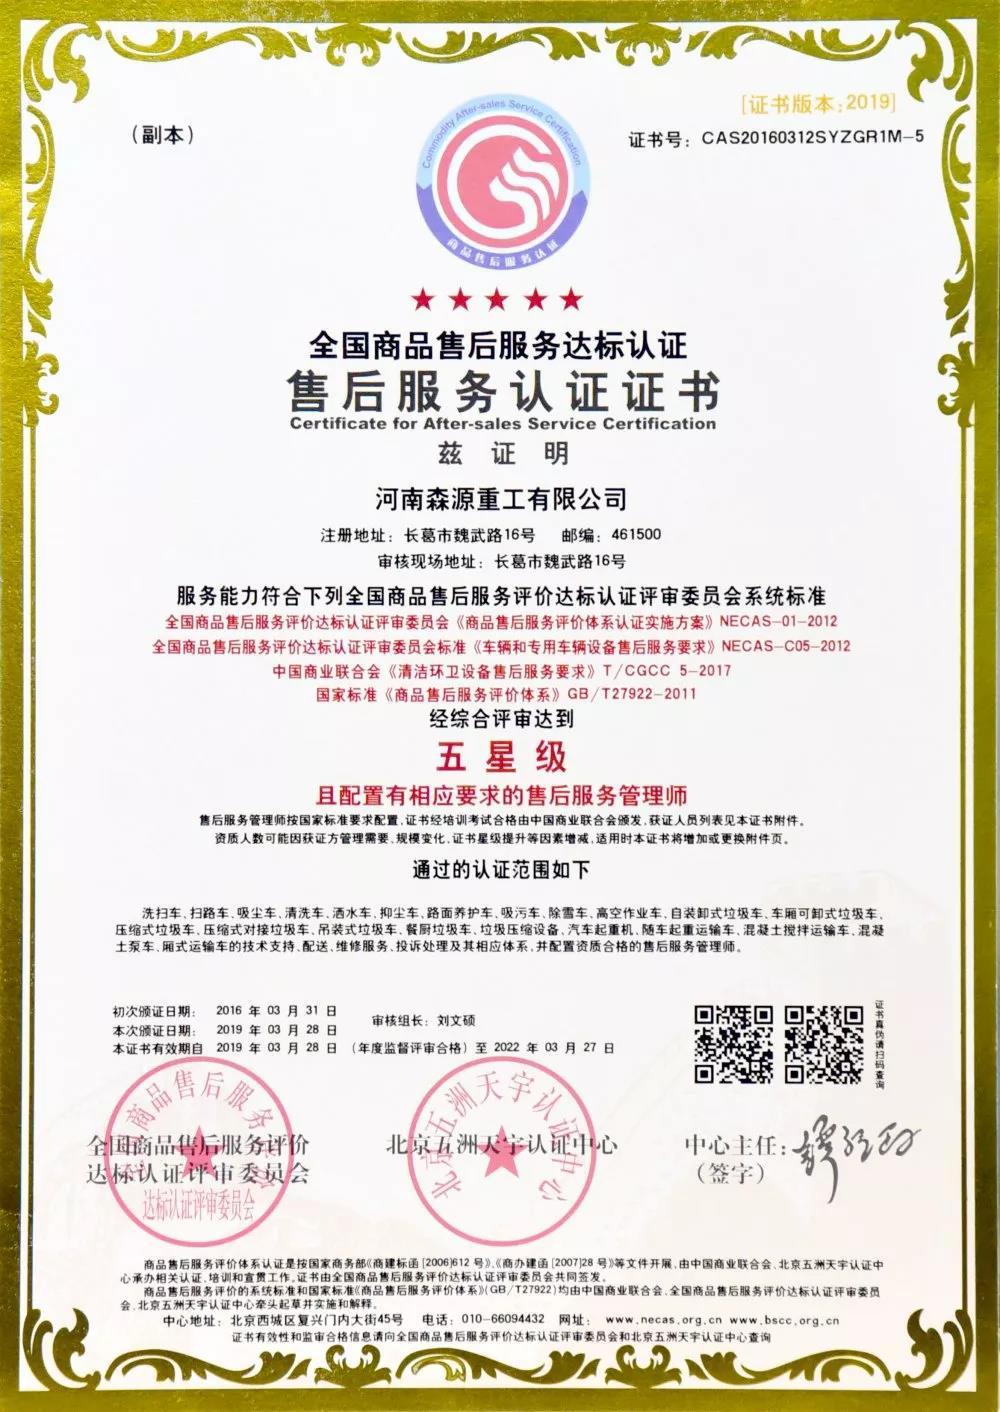 五星级服务认证书